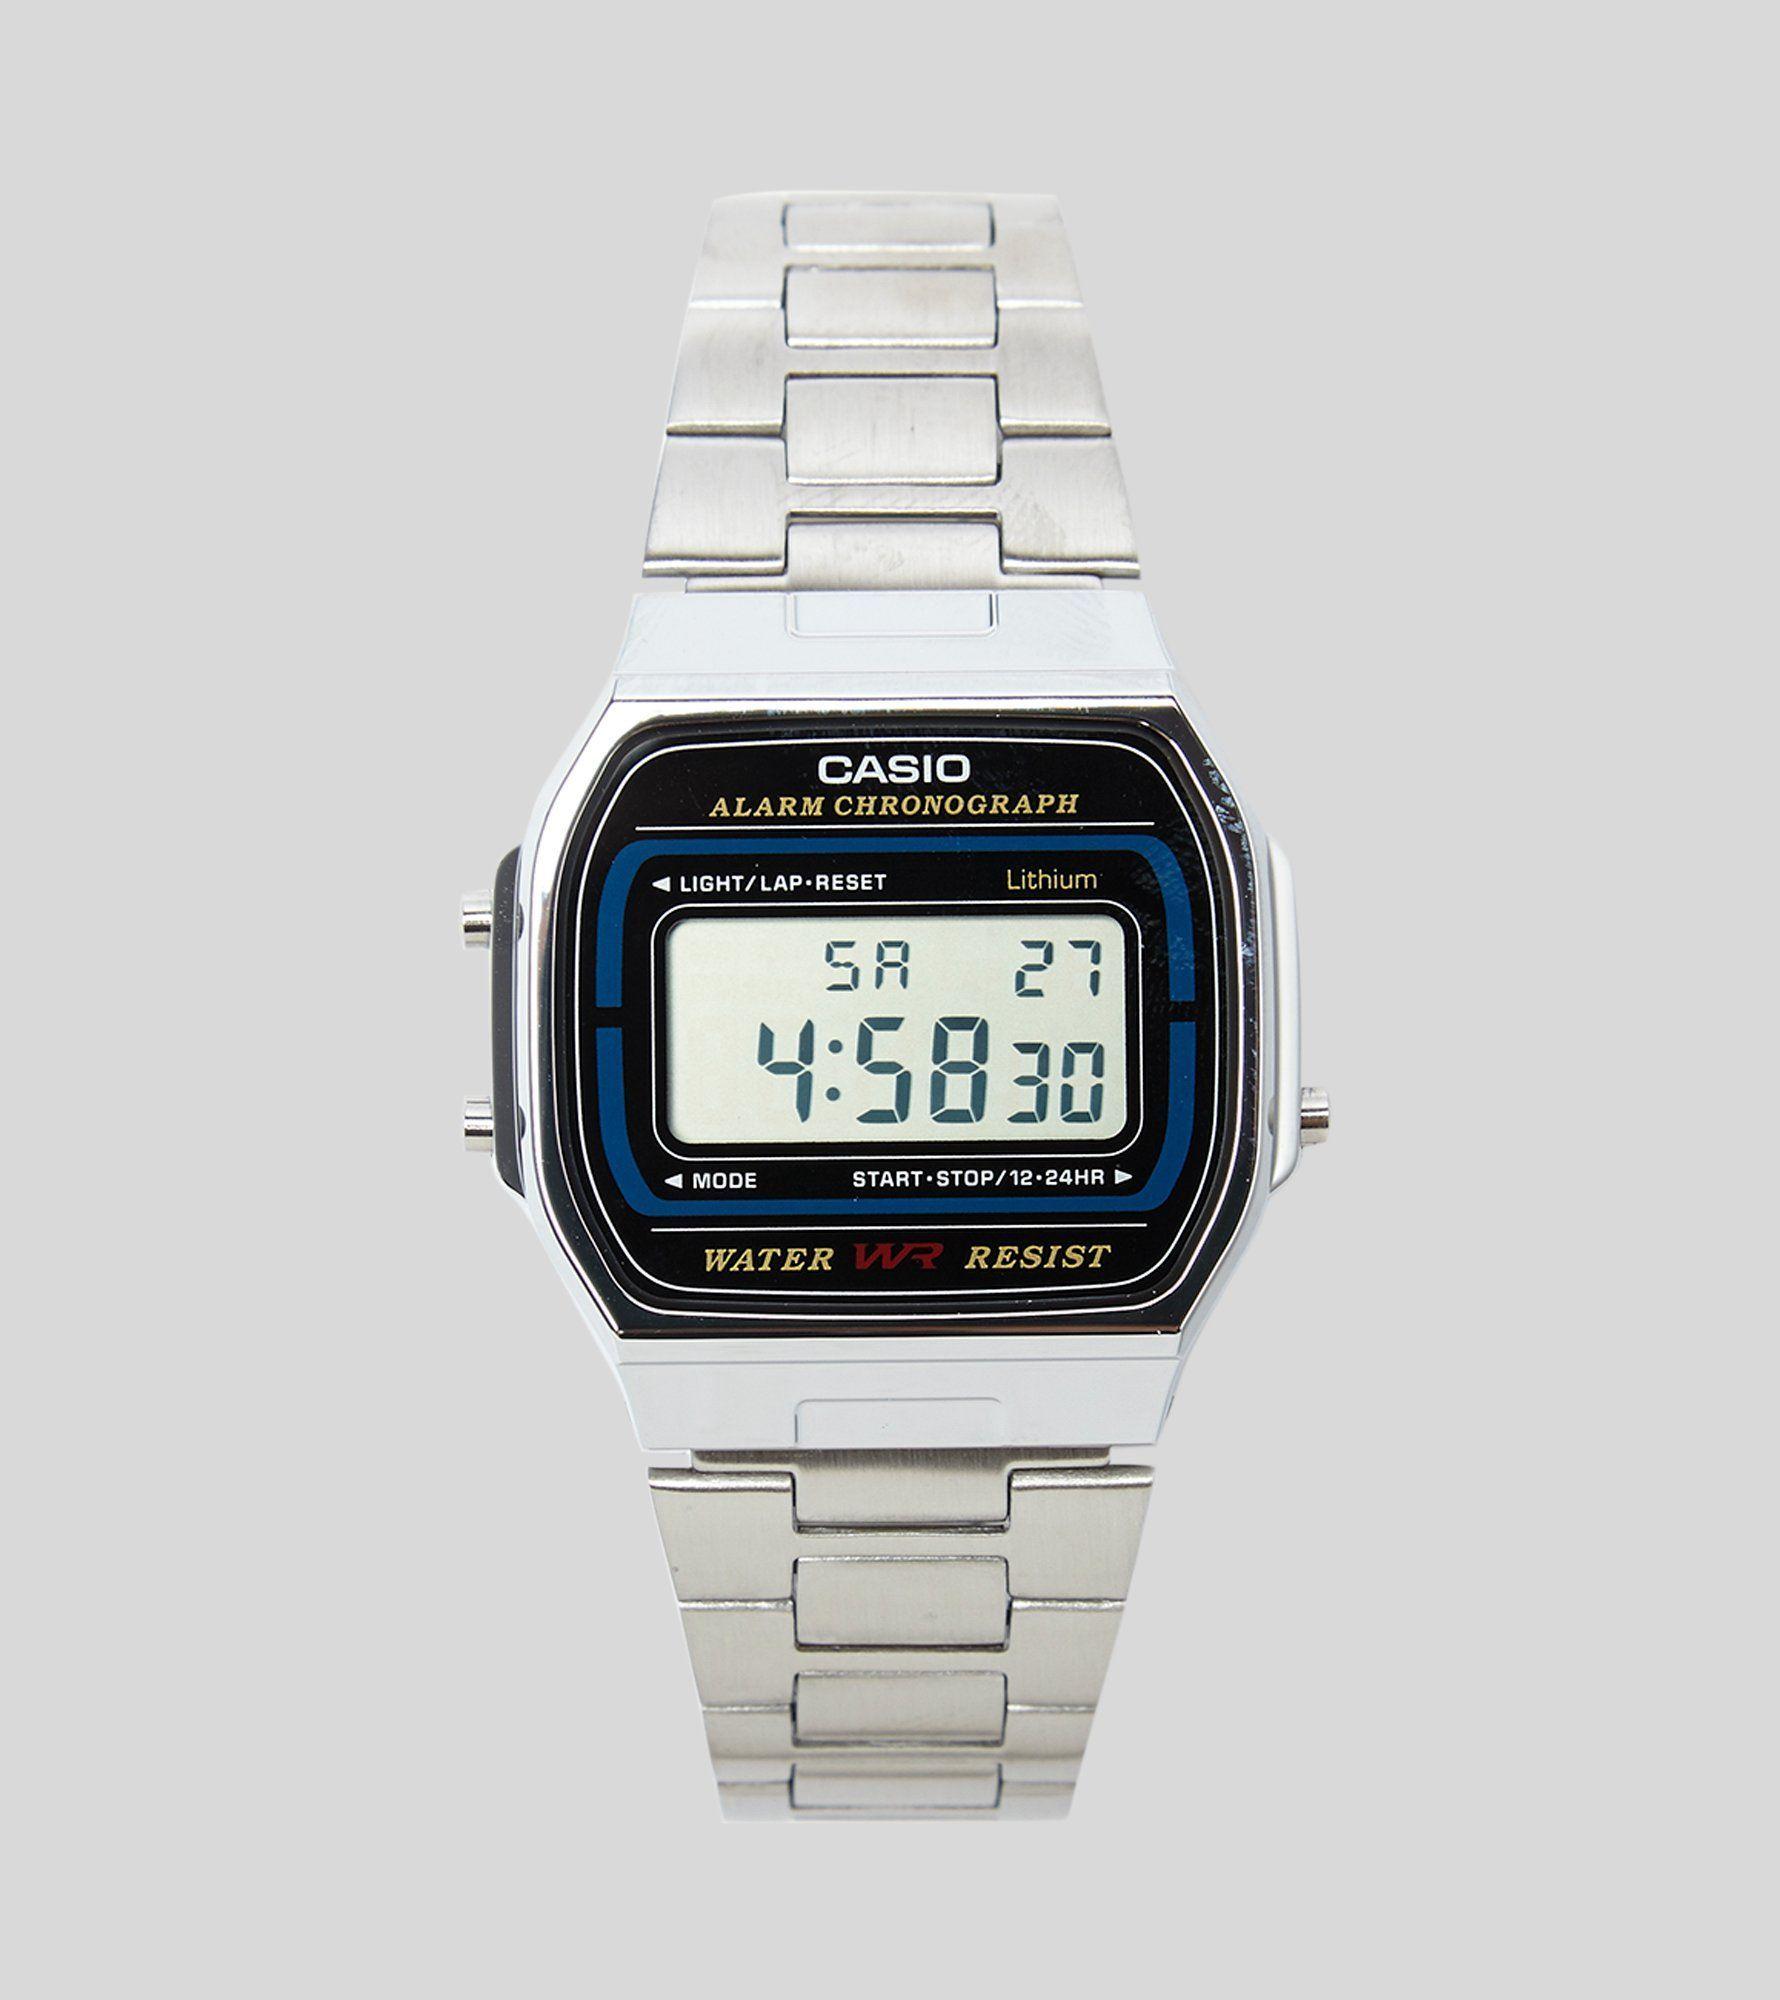 Casio A164 Classic Watch | Size?